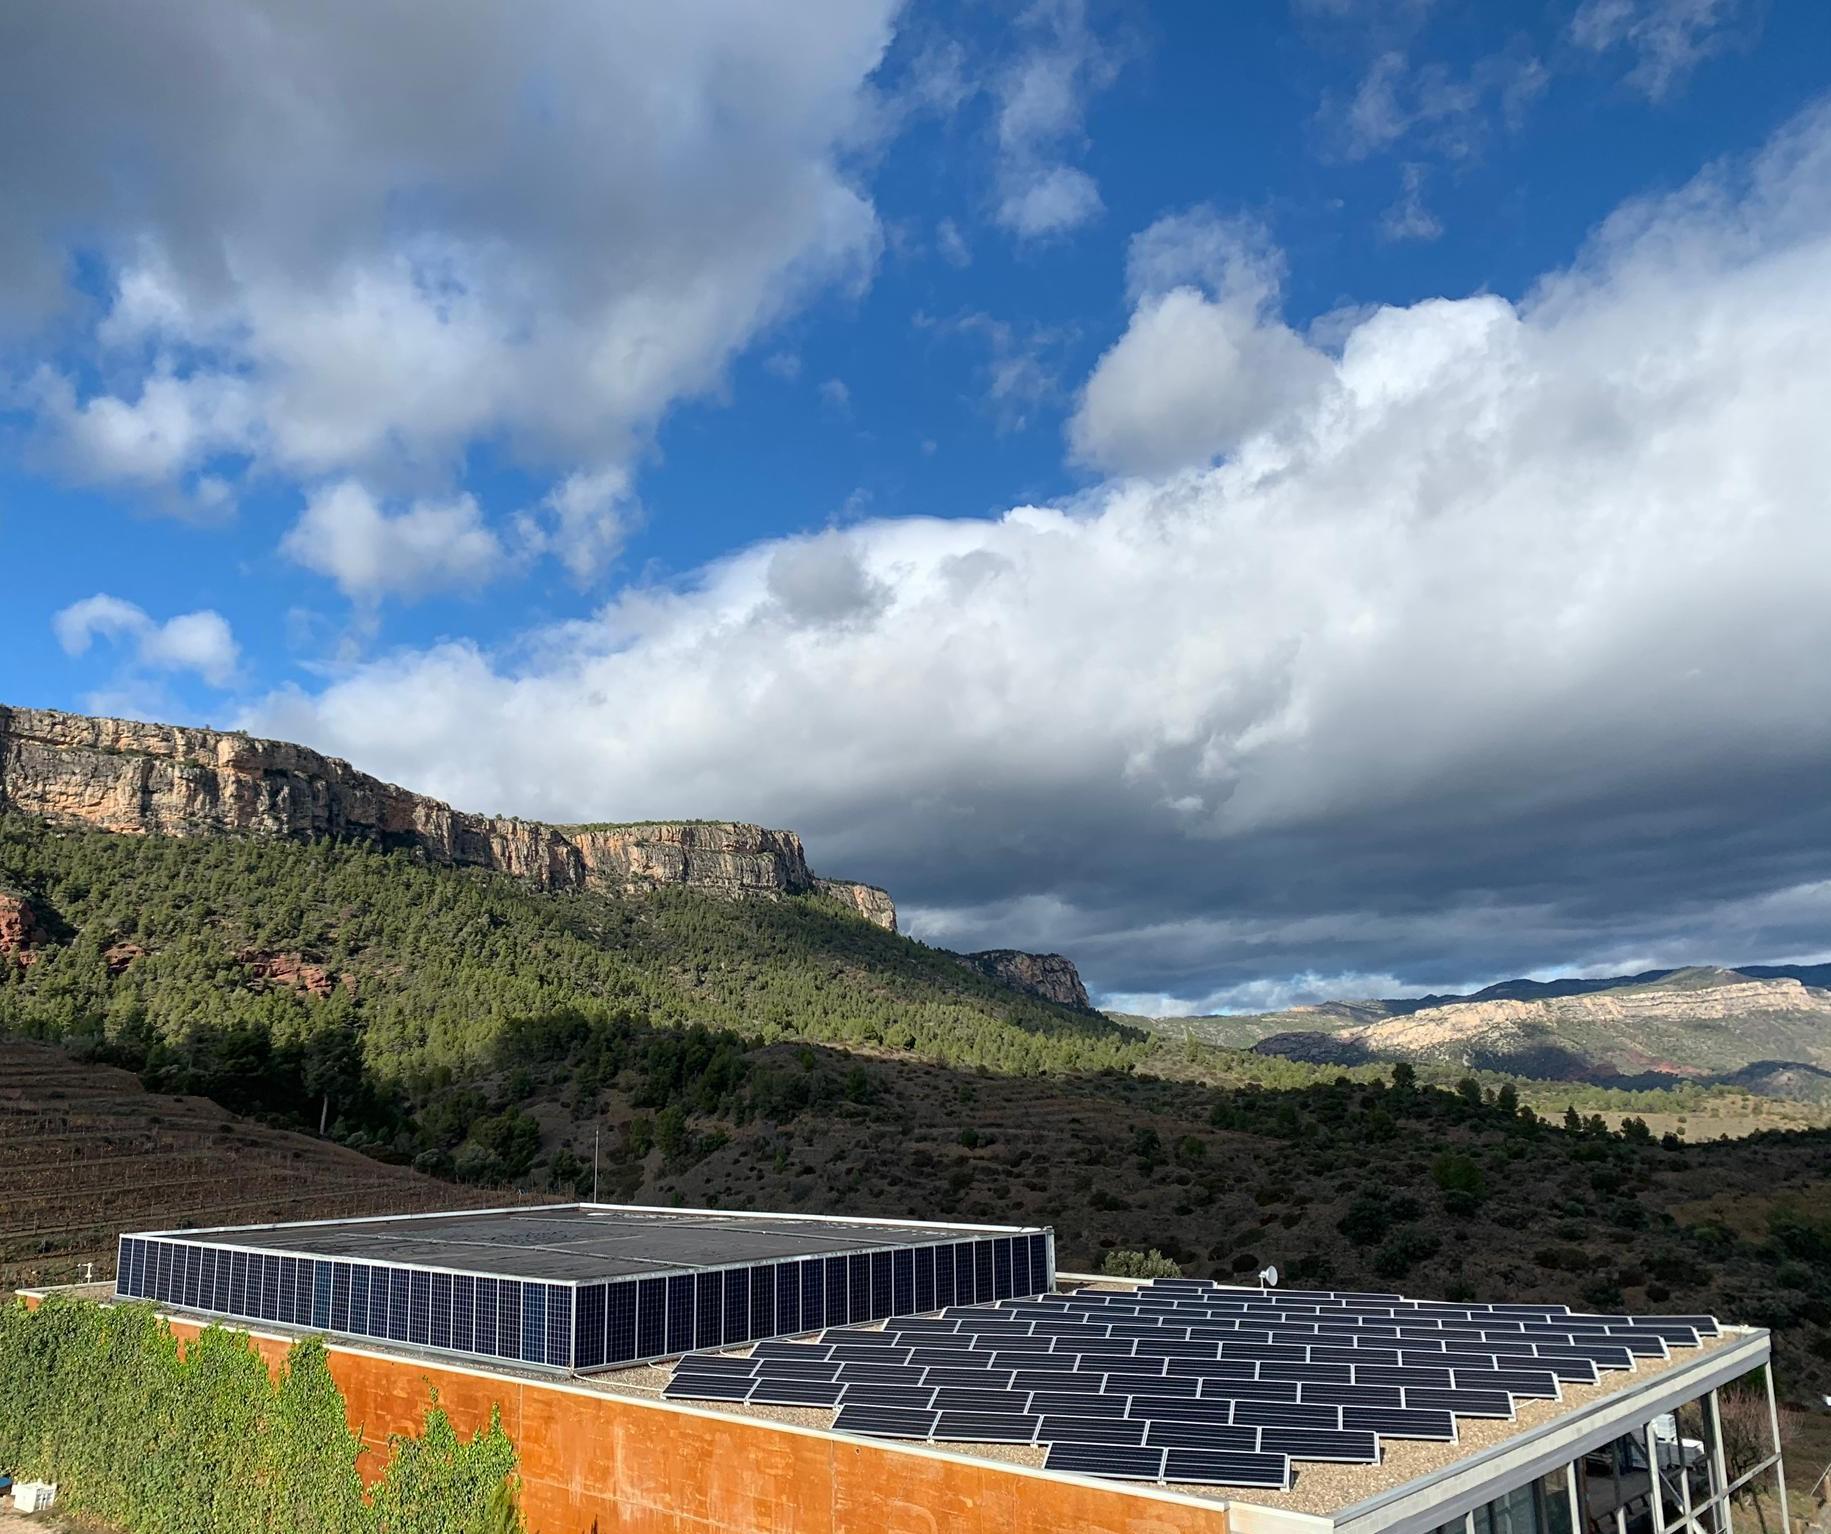 Plaques solars a les instal·lacions de Família Torres a El Lloar (Priorat) | Família Torres